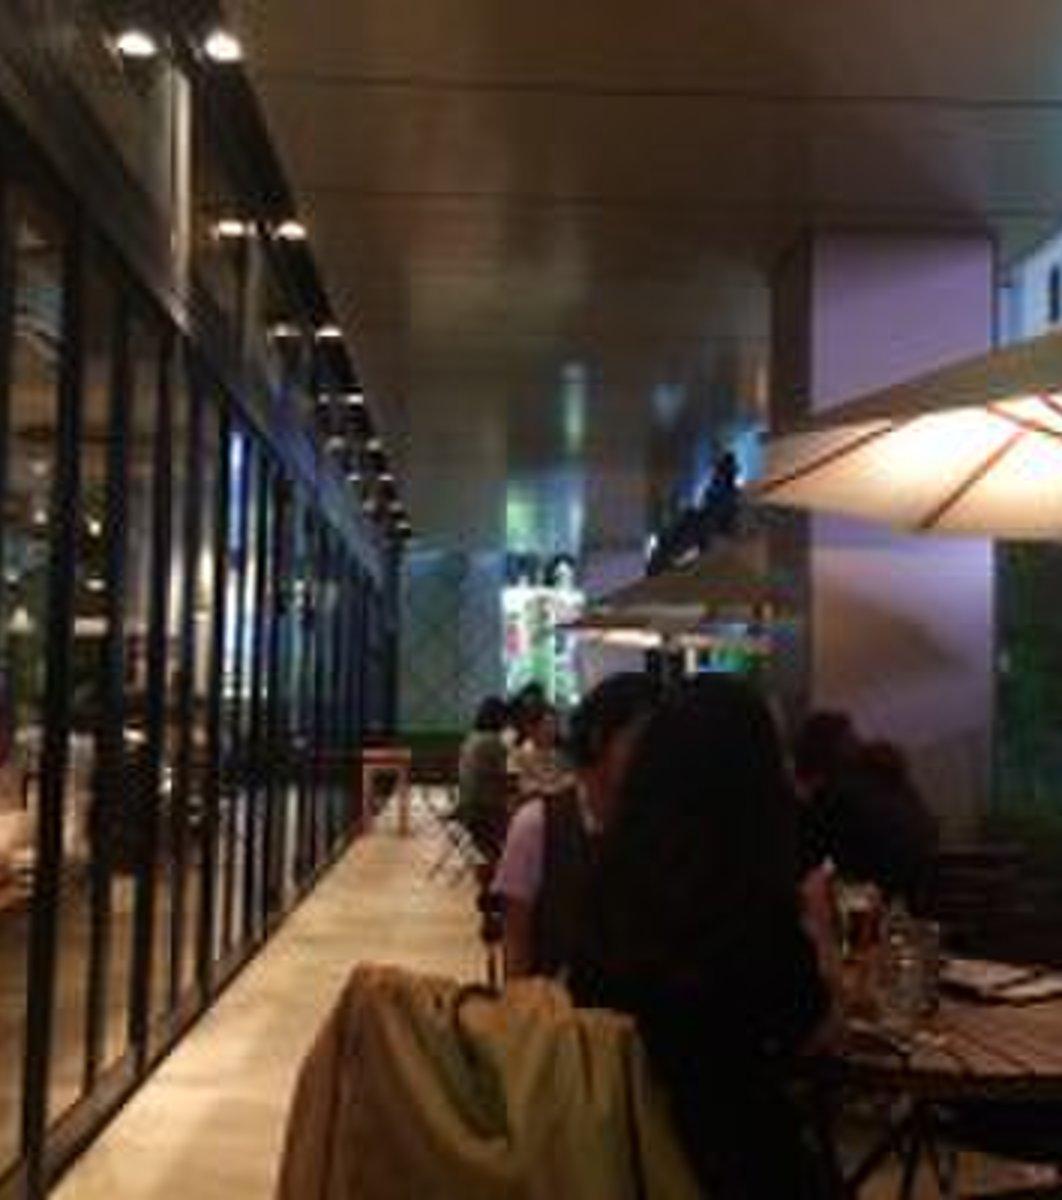 ロイヤルガーデンカフェ 渋谷店(Royal Garden Cafe)